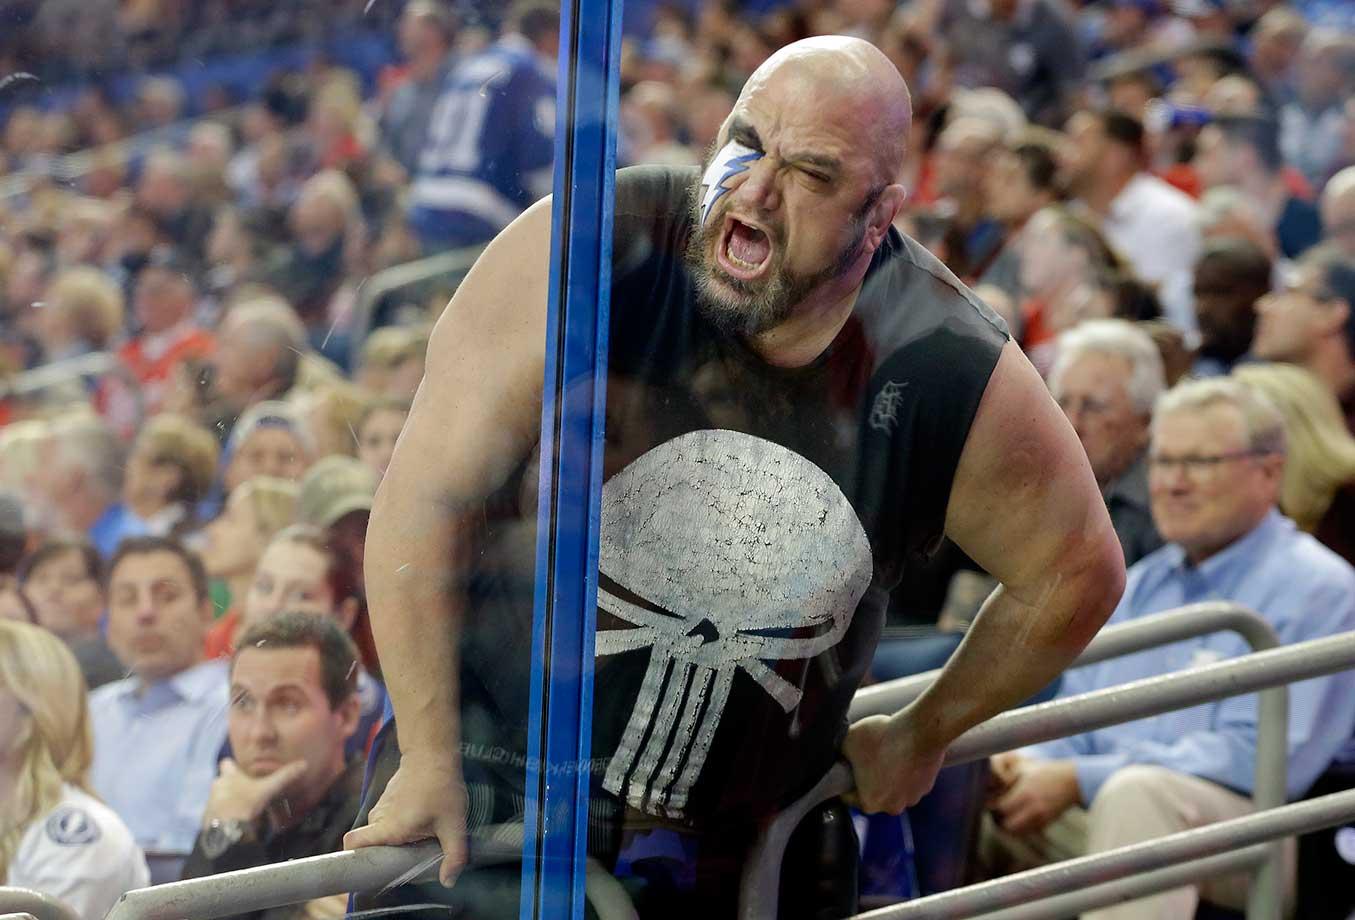 A Tampa Bay Lightning fan taunts Detroit Red Wings goalie Petr Mrazek.